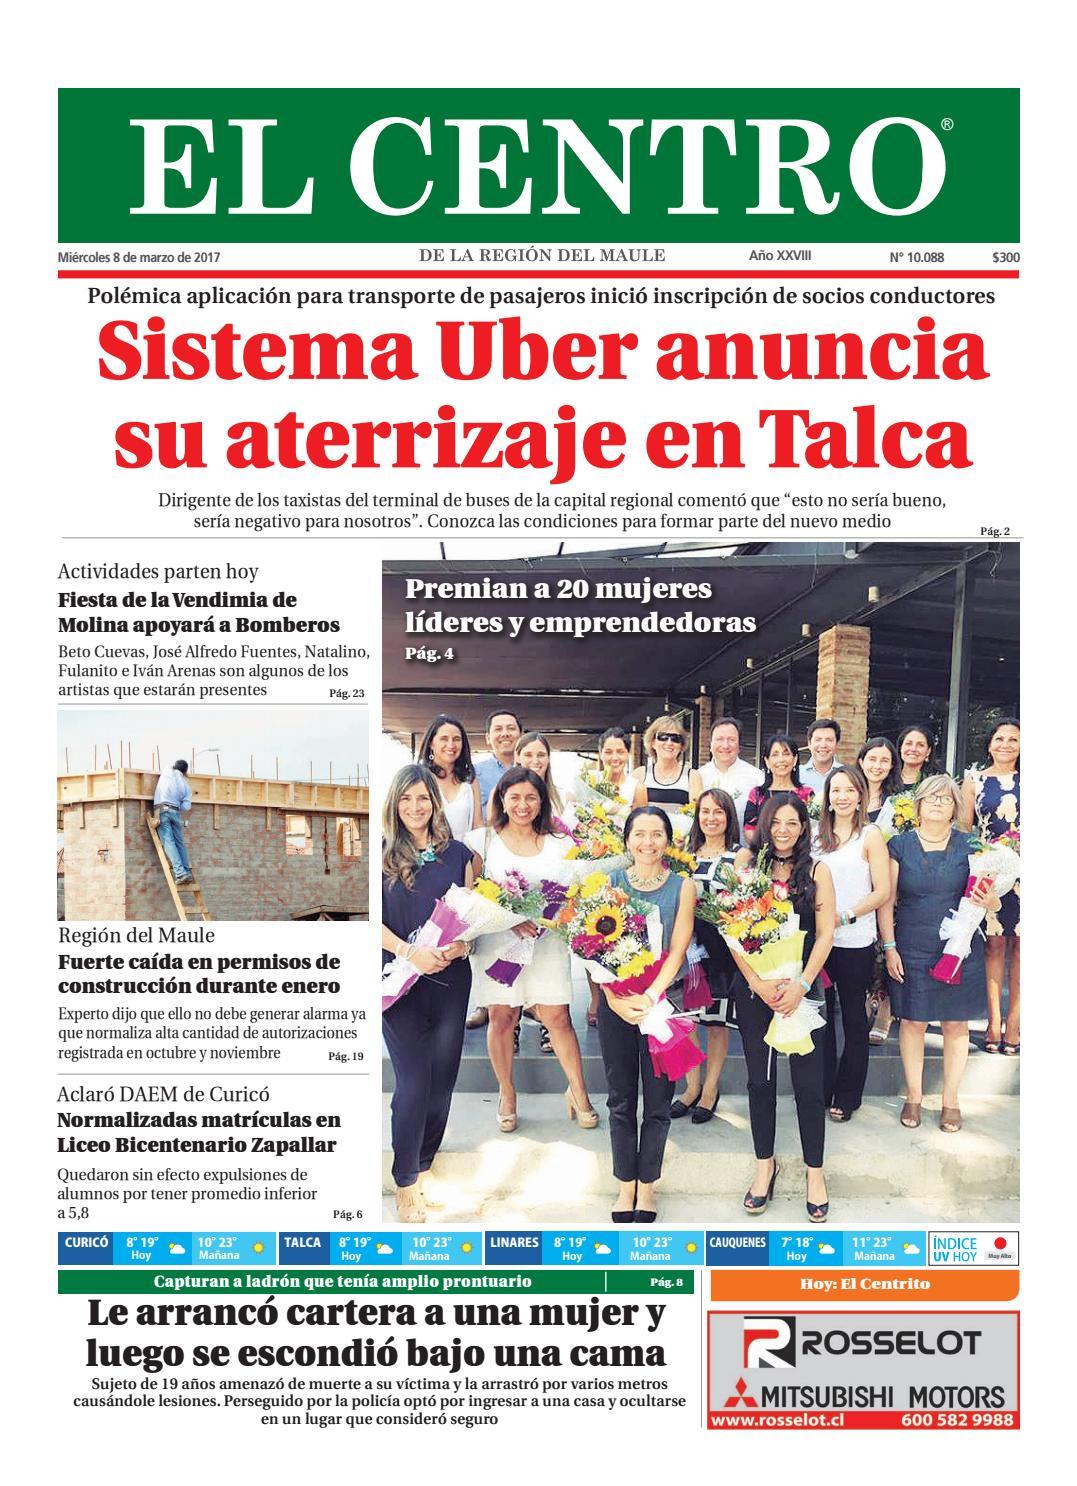 Diario 08 03 2017 by Diario El Centro S.A - issuu